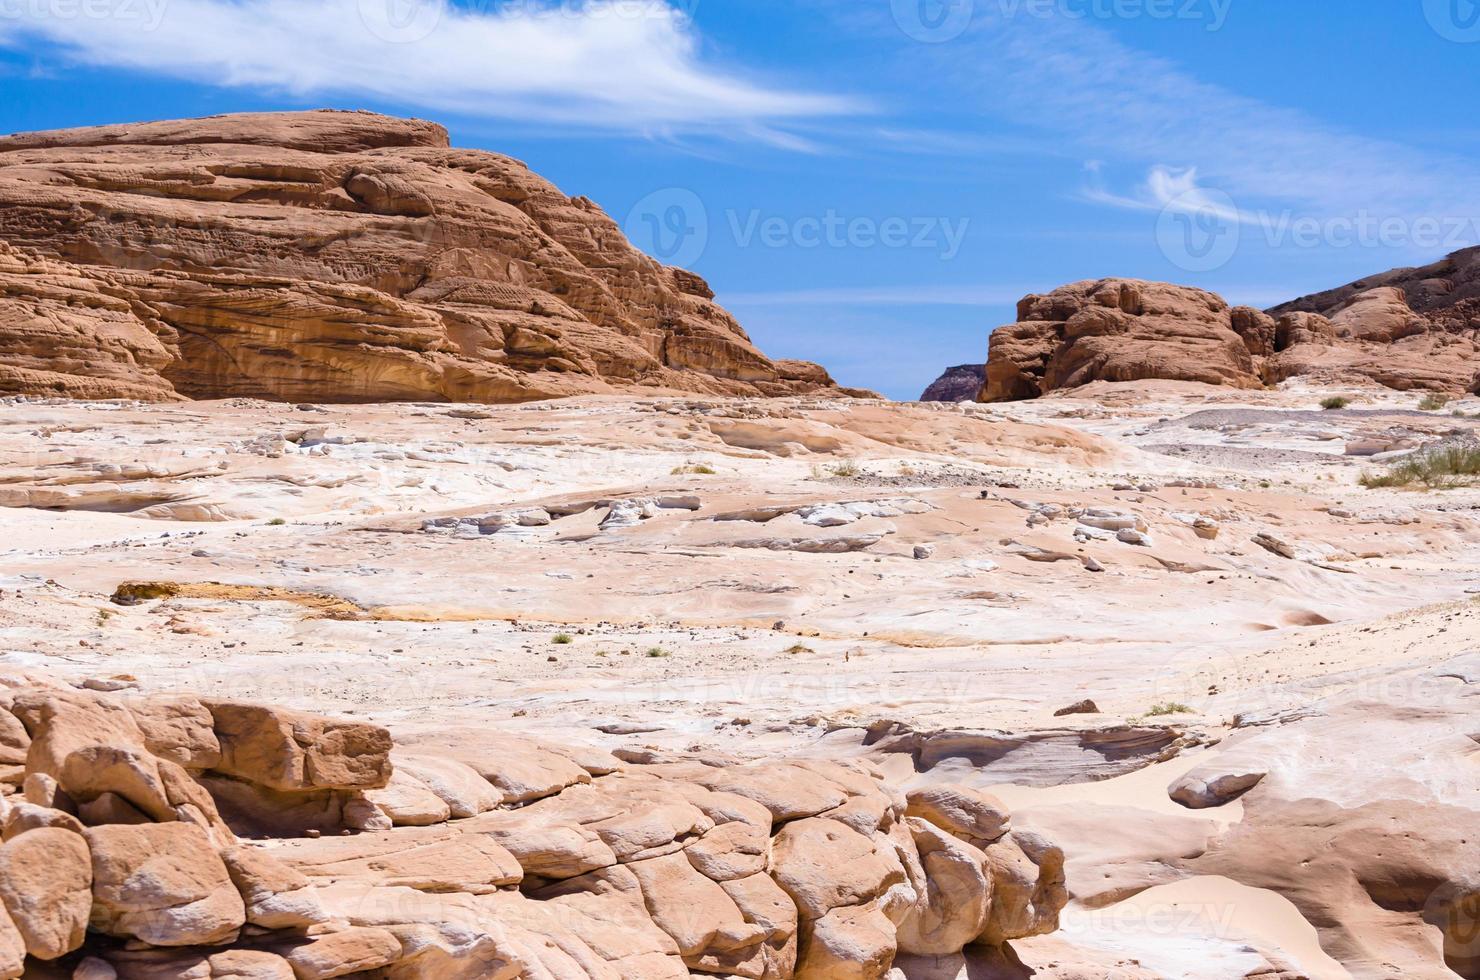 rotsen in de woestijn foto